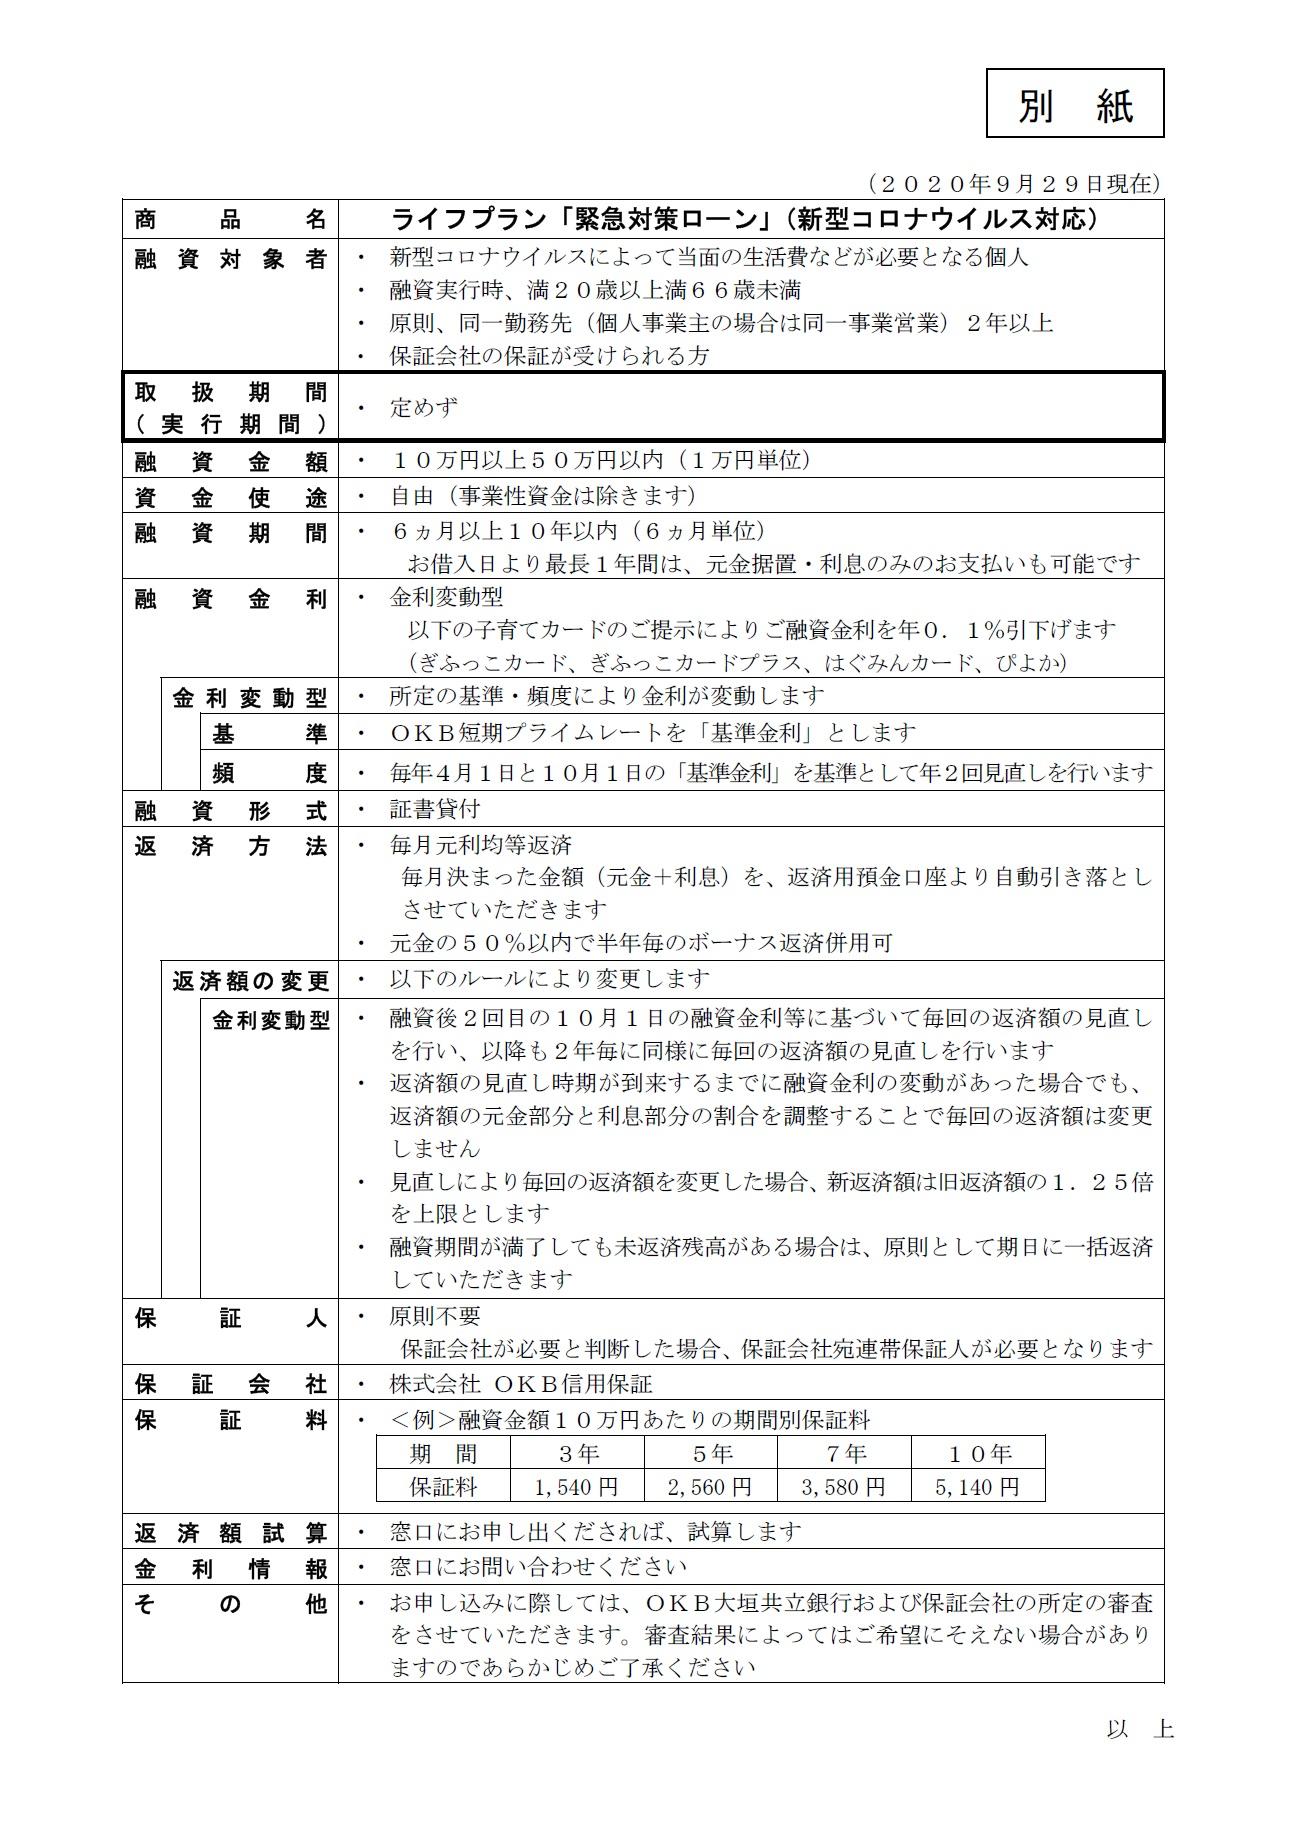 大垣 コロナ 感染 岐阜新型コロナ・感染症掲示板|爆サイ.com東海版